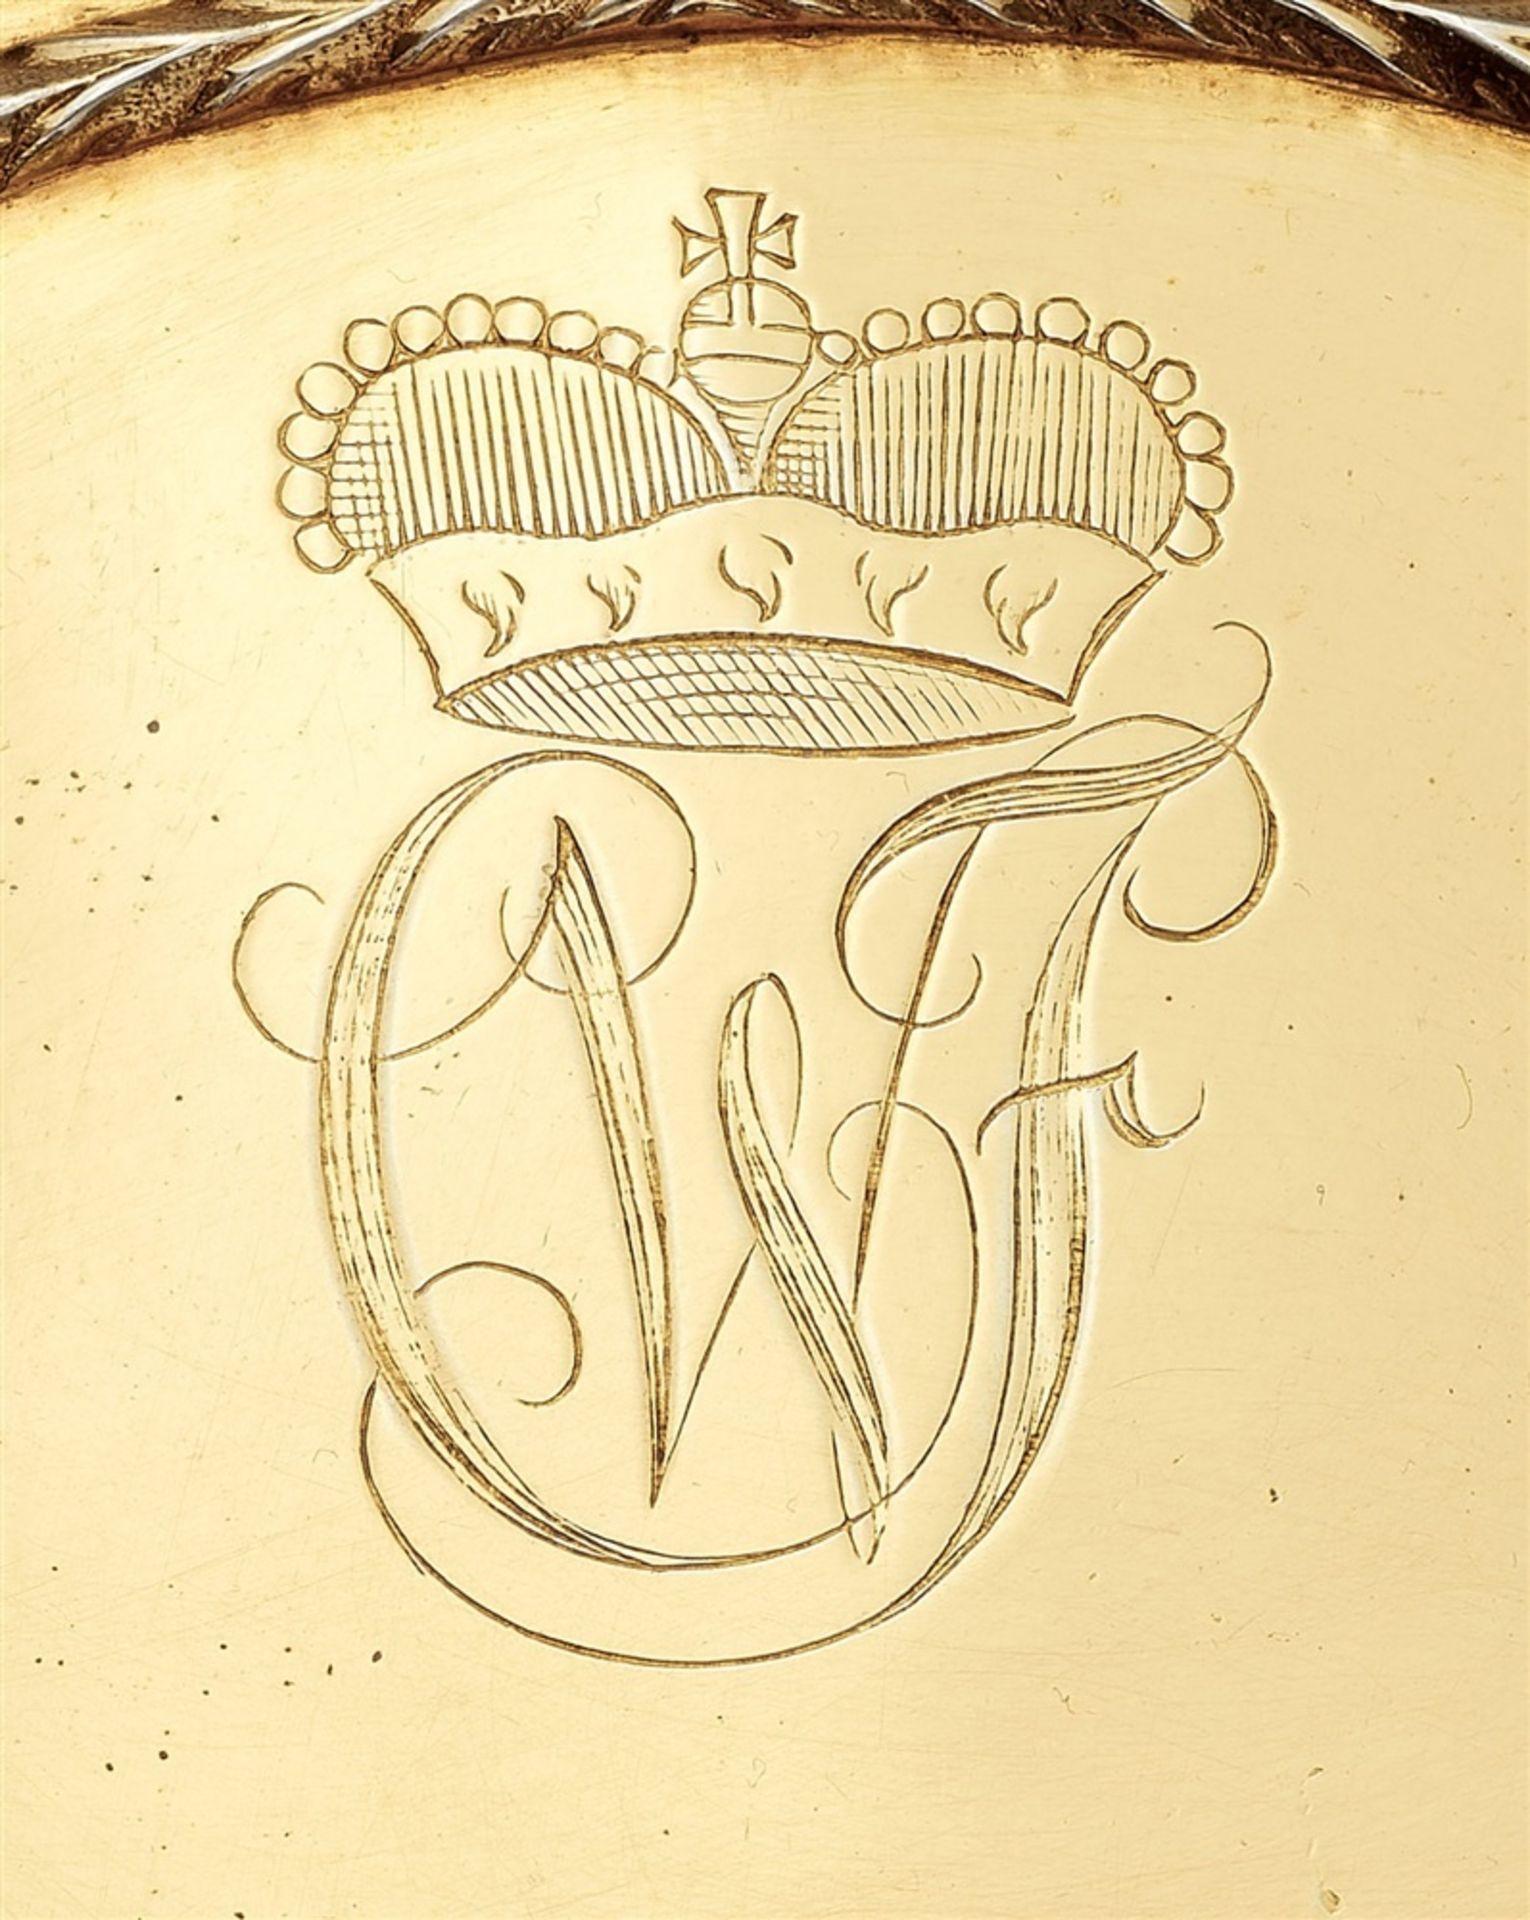 Los 738 - A pair of Braunschweig silver spice boxes made for Duke Carl Wilhelm Ferdinand zu Braunschweig-